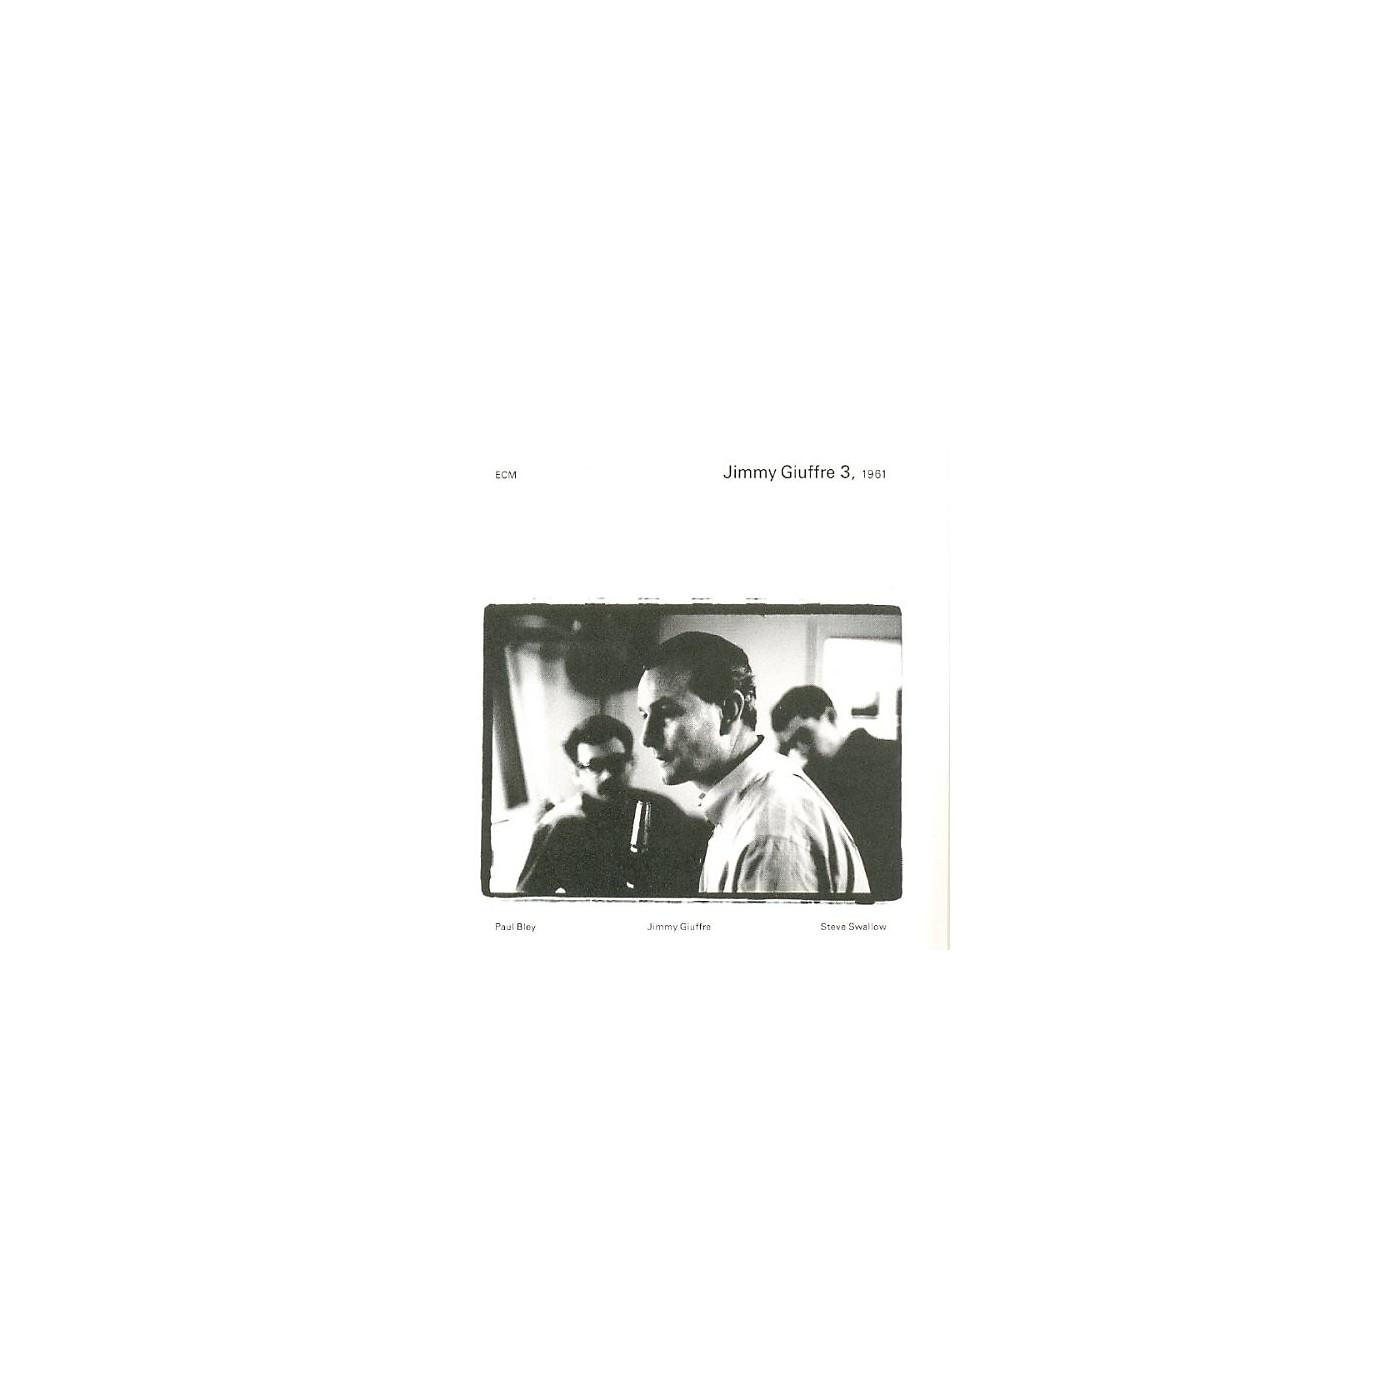 Alliance Jimmy Giuffre - Jimmy Giuffre 3 1961 thumbnail